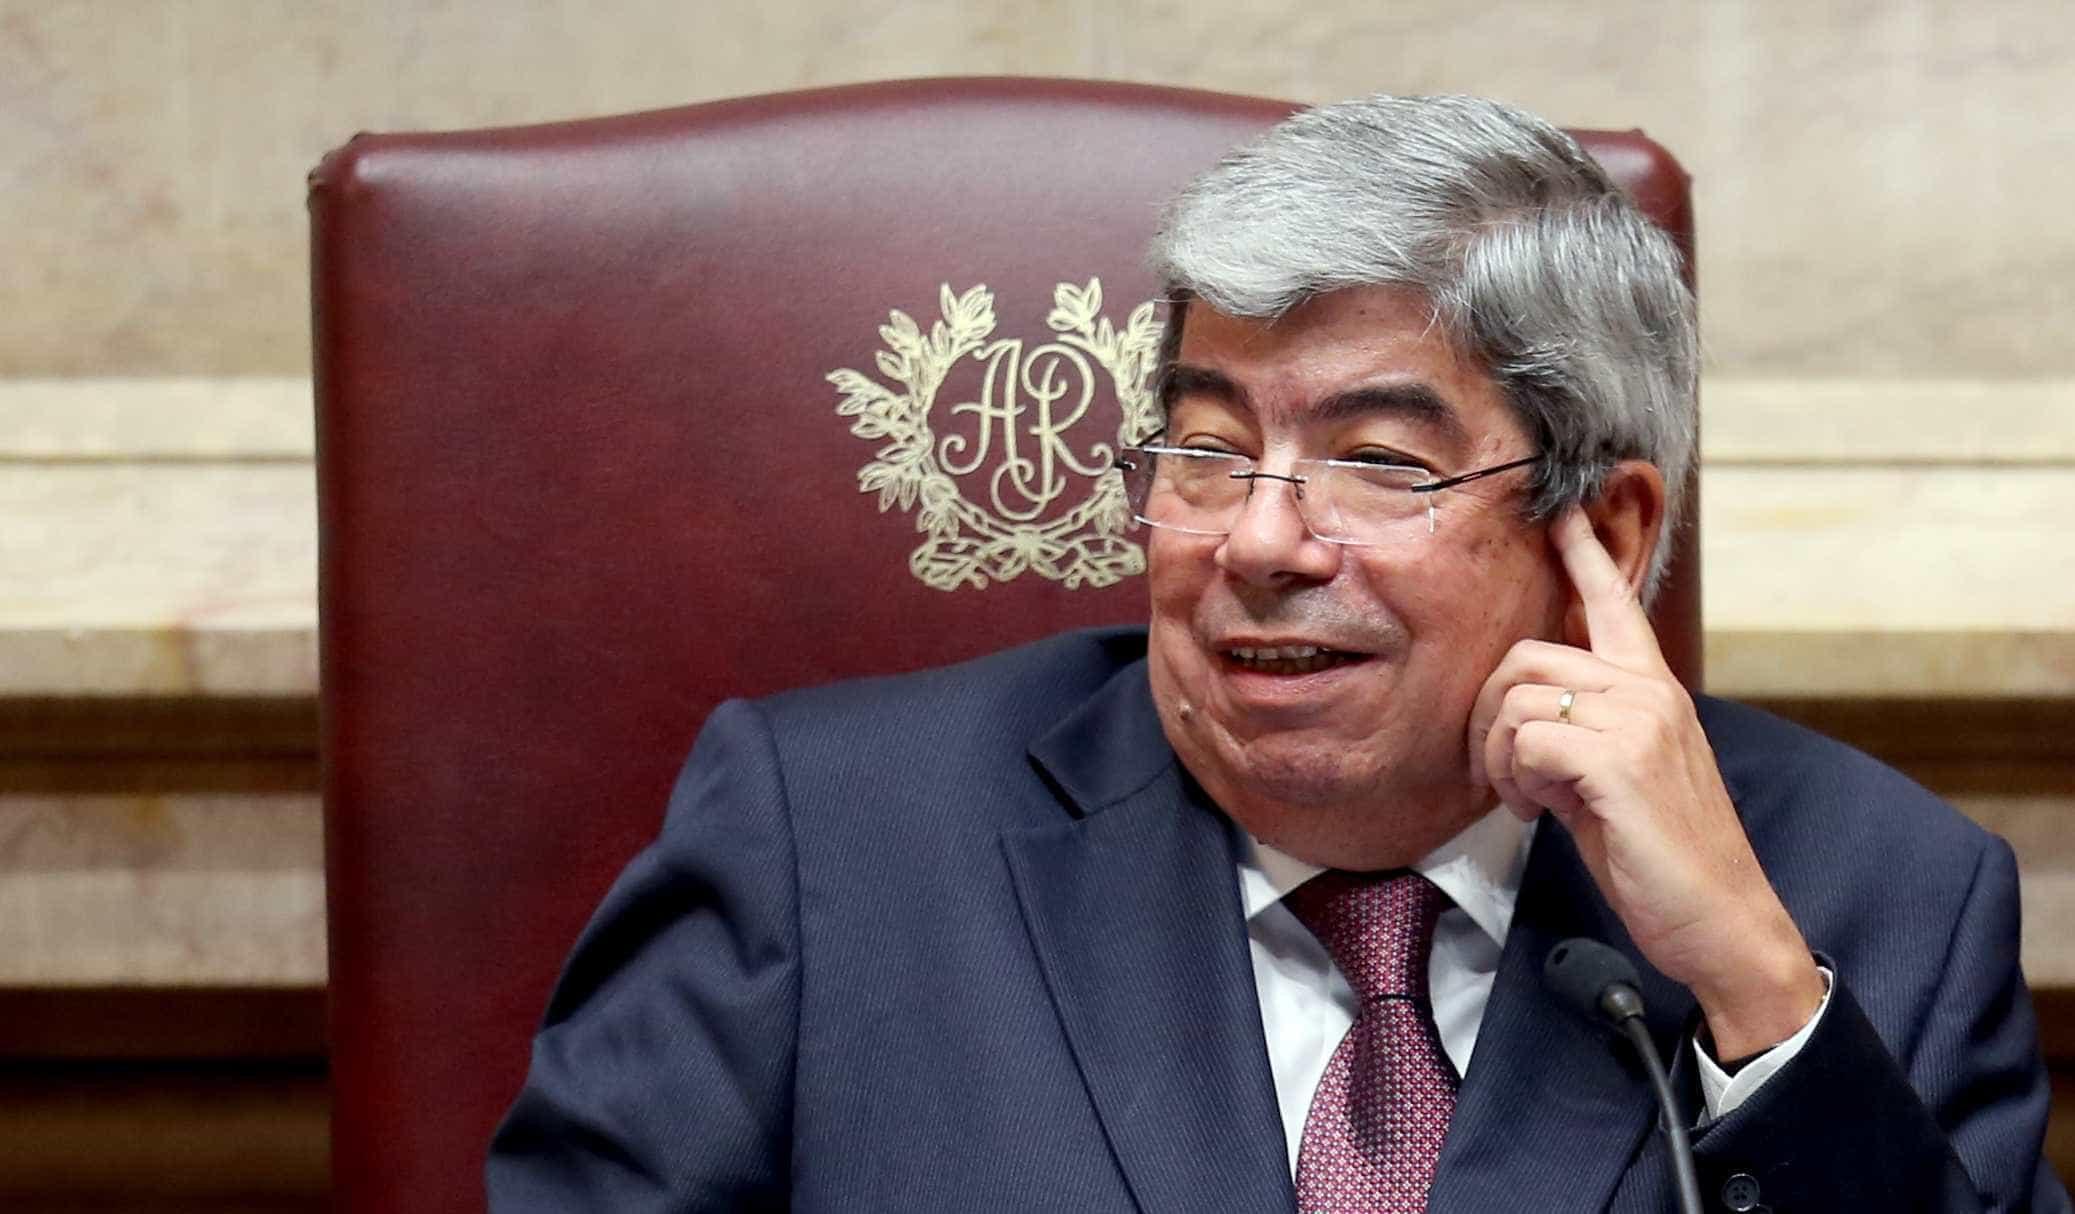 """Críticas a subsídios de deputados foram """"respondidas com alterações"""""""